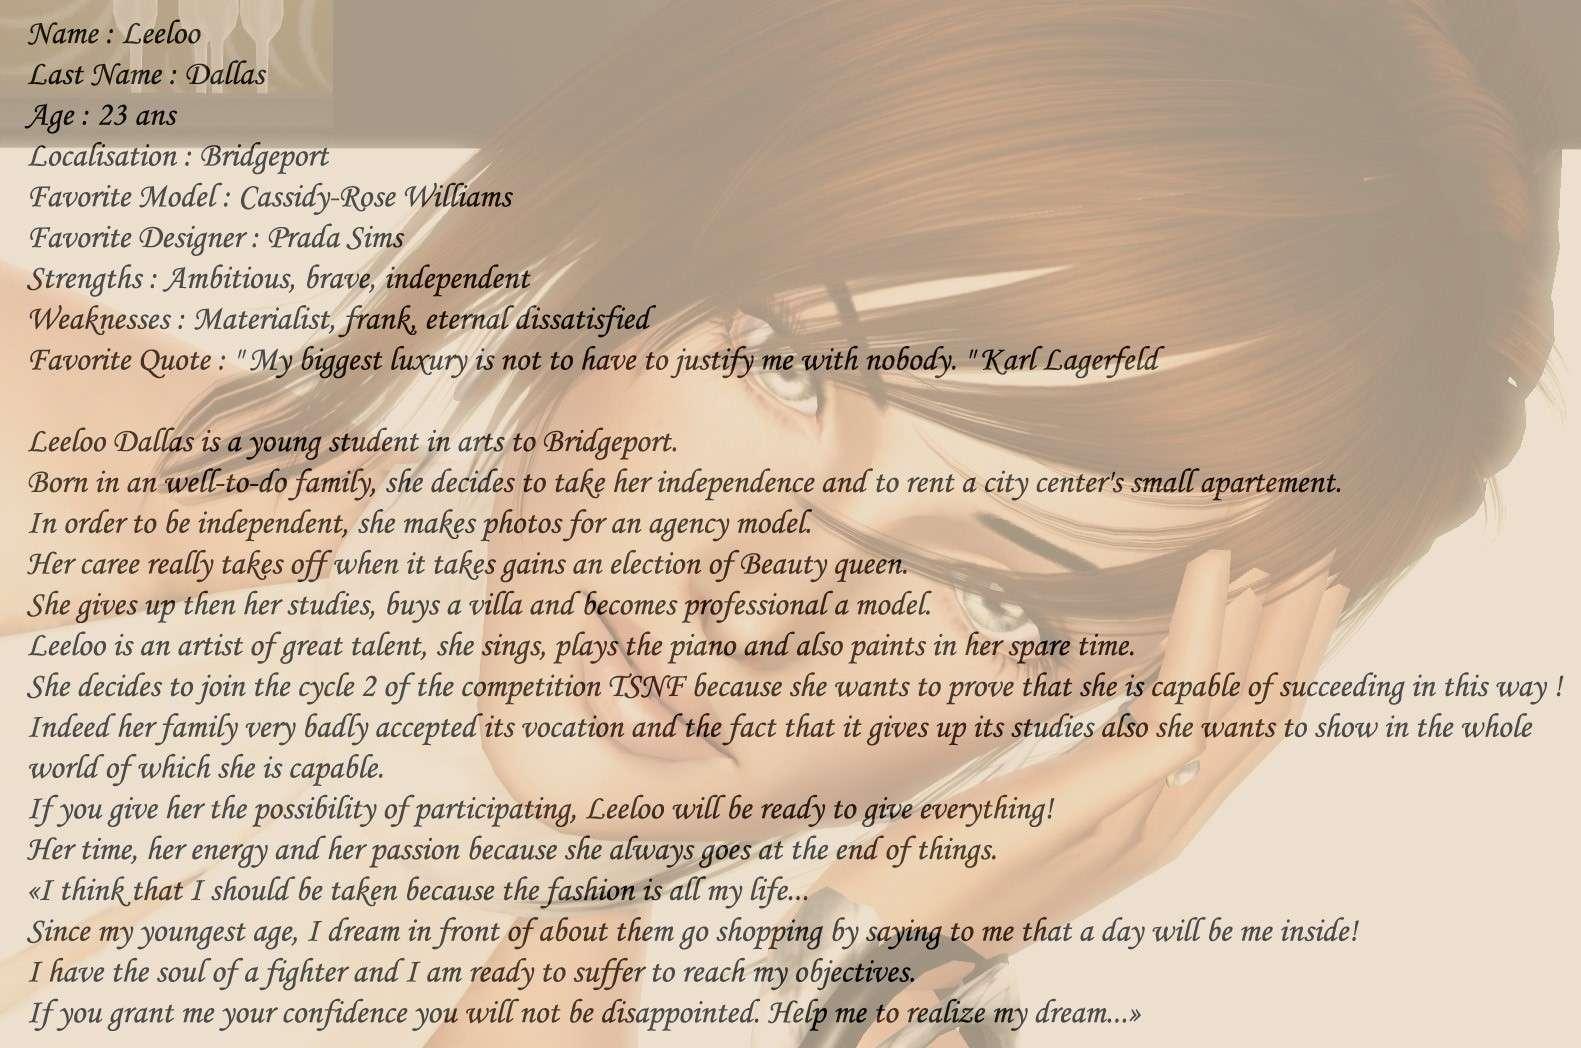 Leeloo Dallas Texte_16